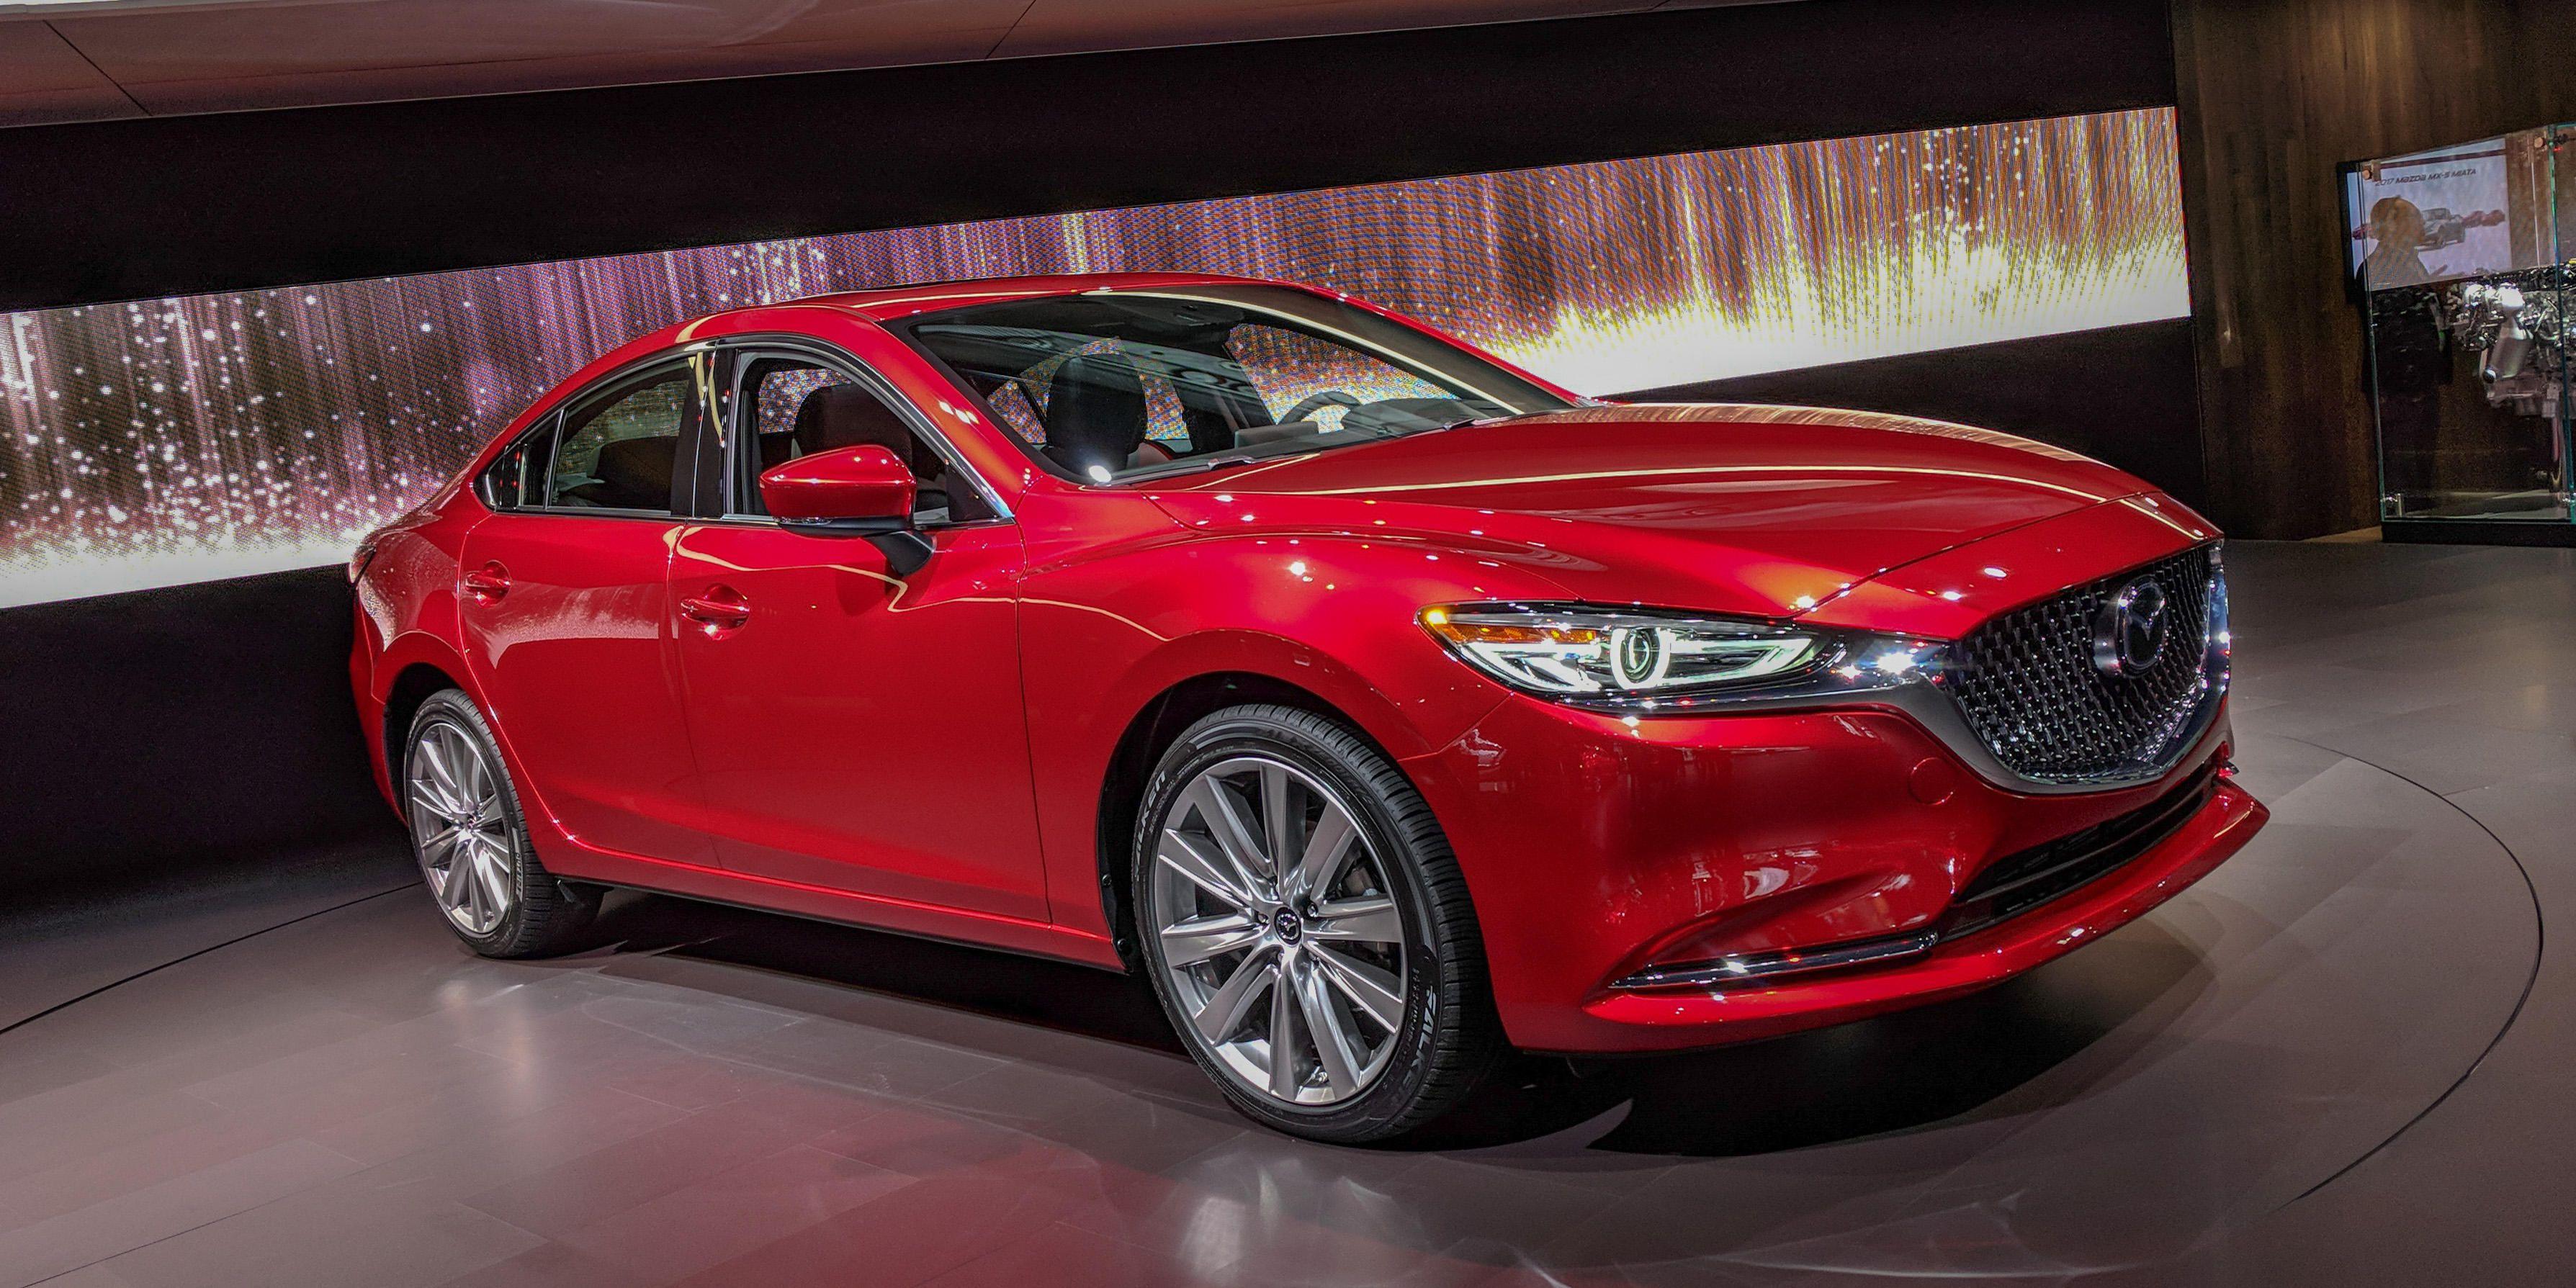 Giá Mazda 6 giảm mạnh, rẻ nhất phân khúc D